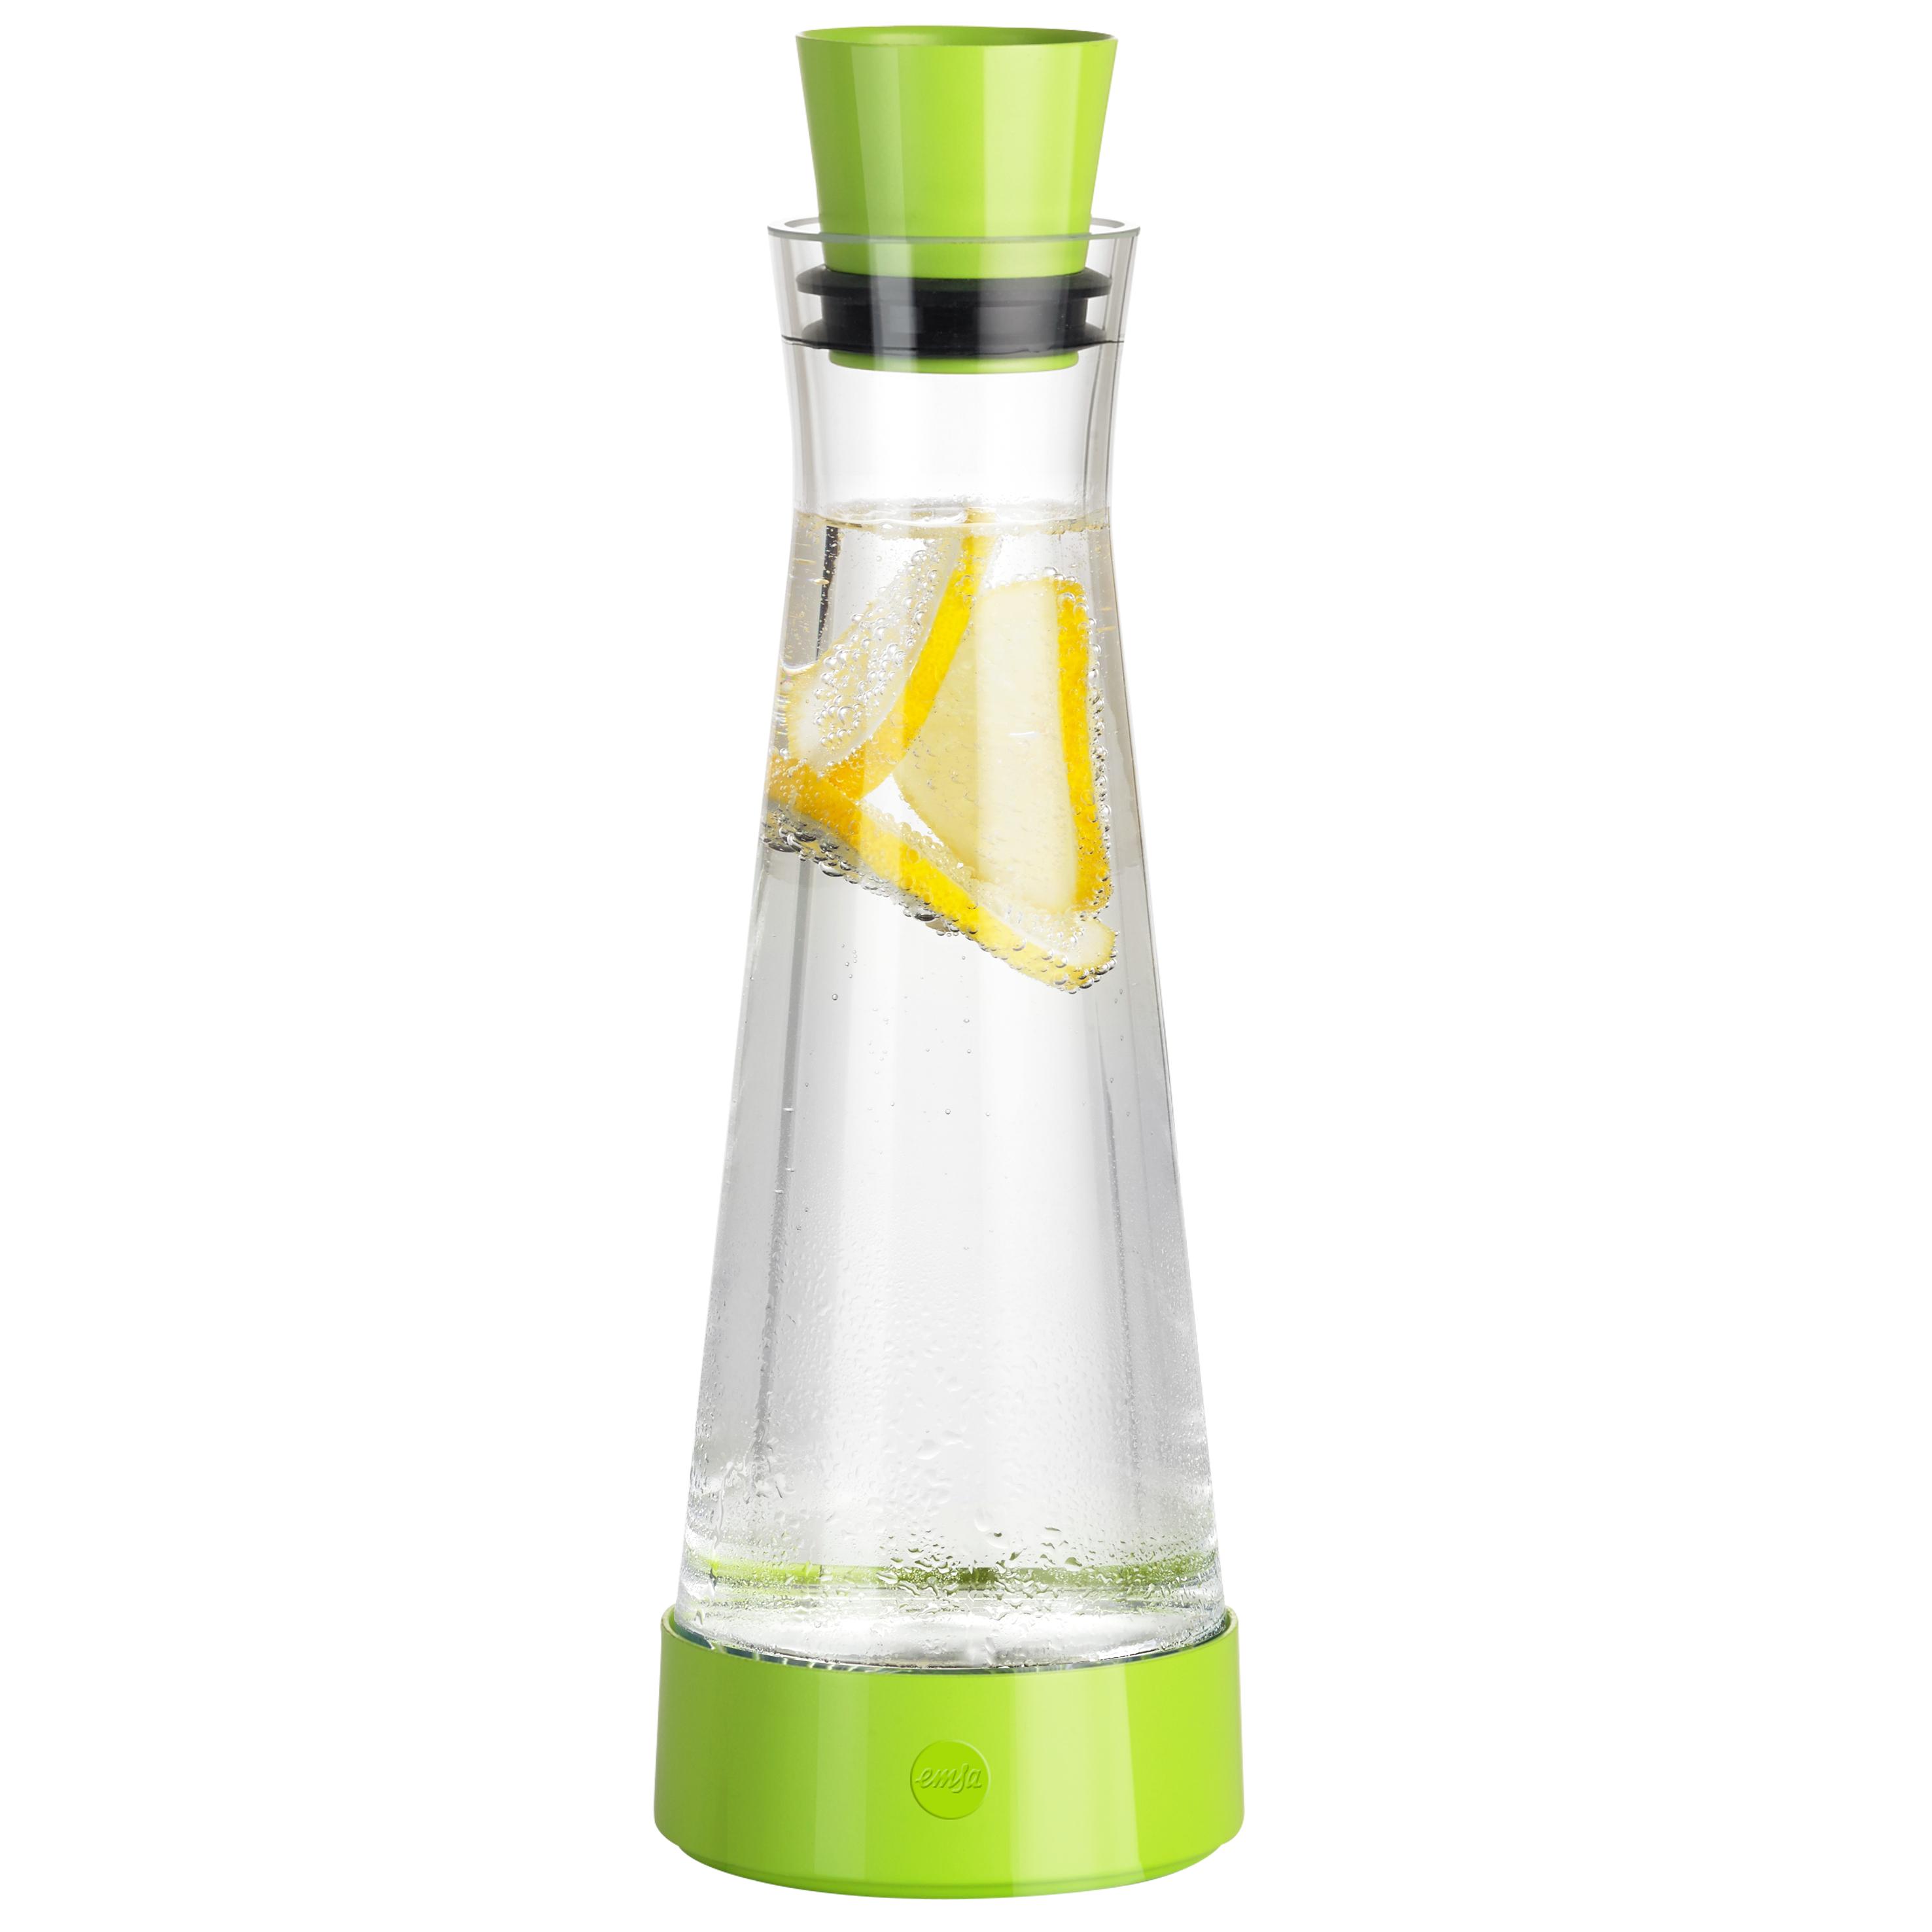 EMSA 515478 FLOW SLIM FRIENDS Glas-Kühlkaraffe 1,0 L Hellgrün